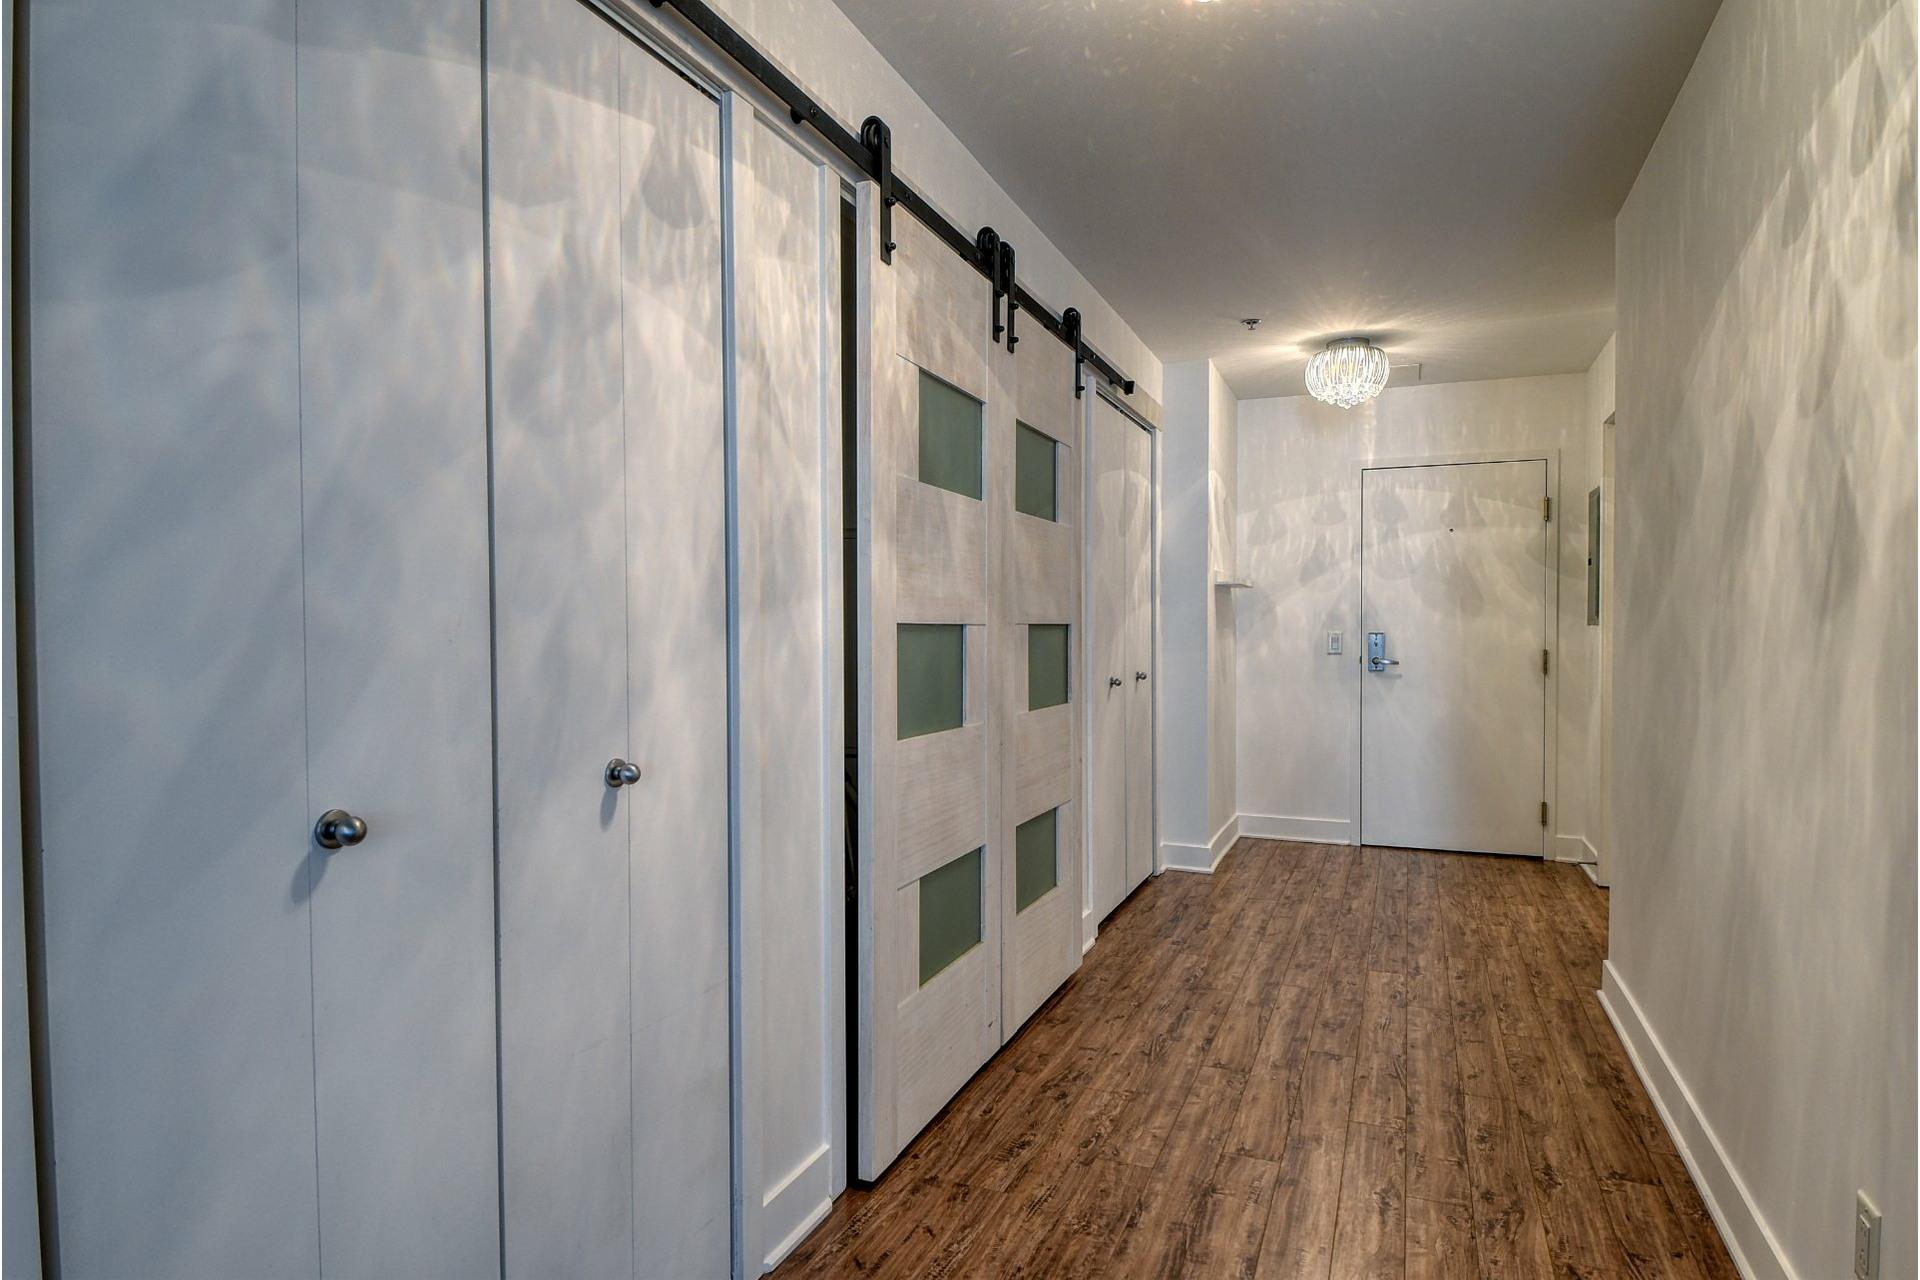 image 7 - Appartement À vendre Ahuntsic-Cartierville Montréal  - 5 pièces